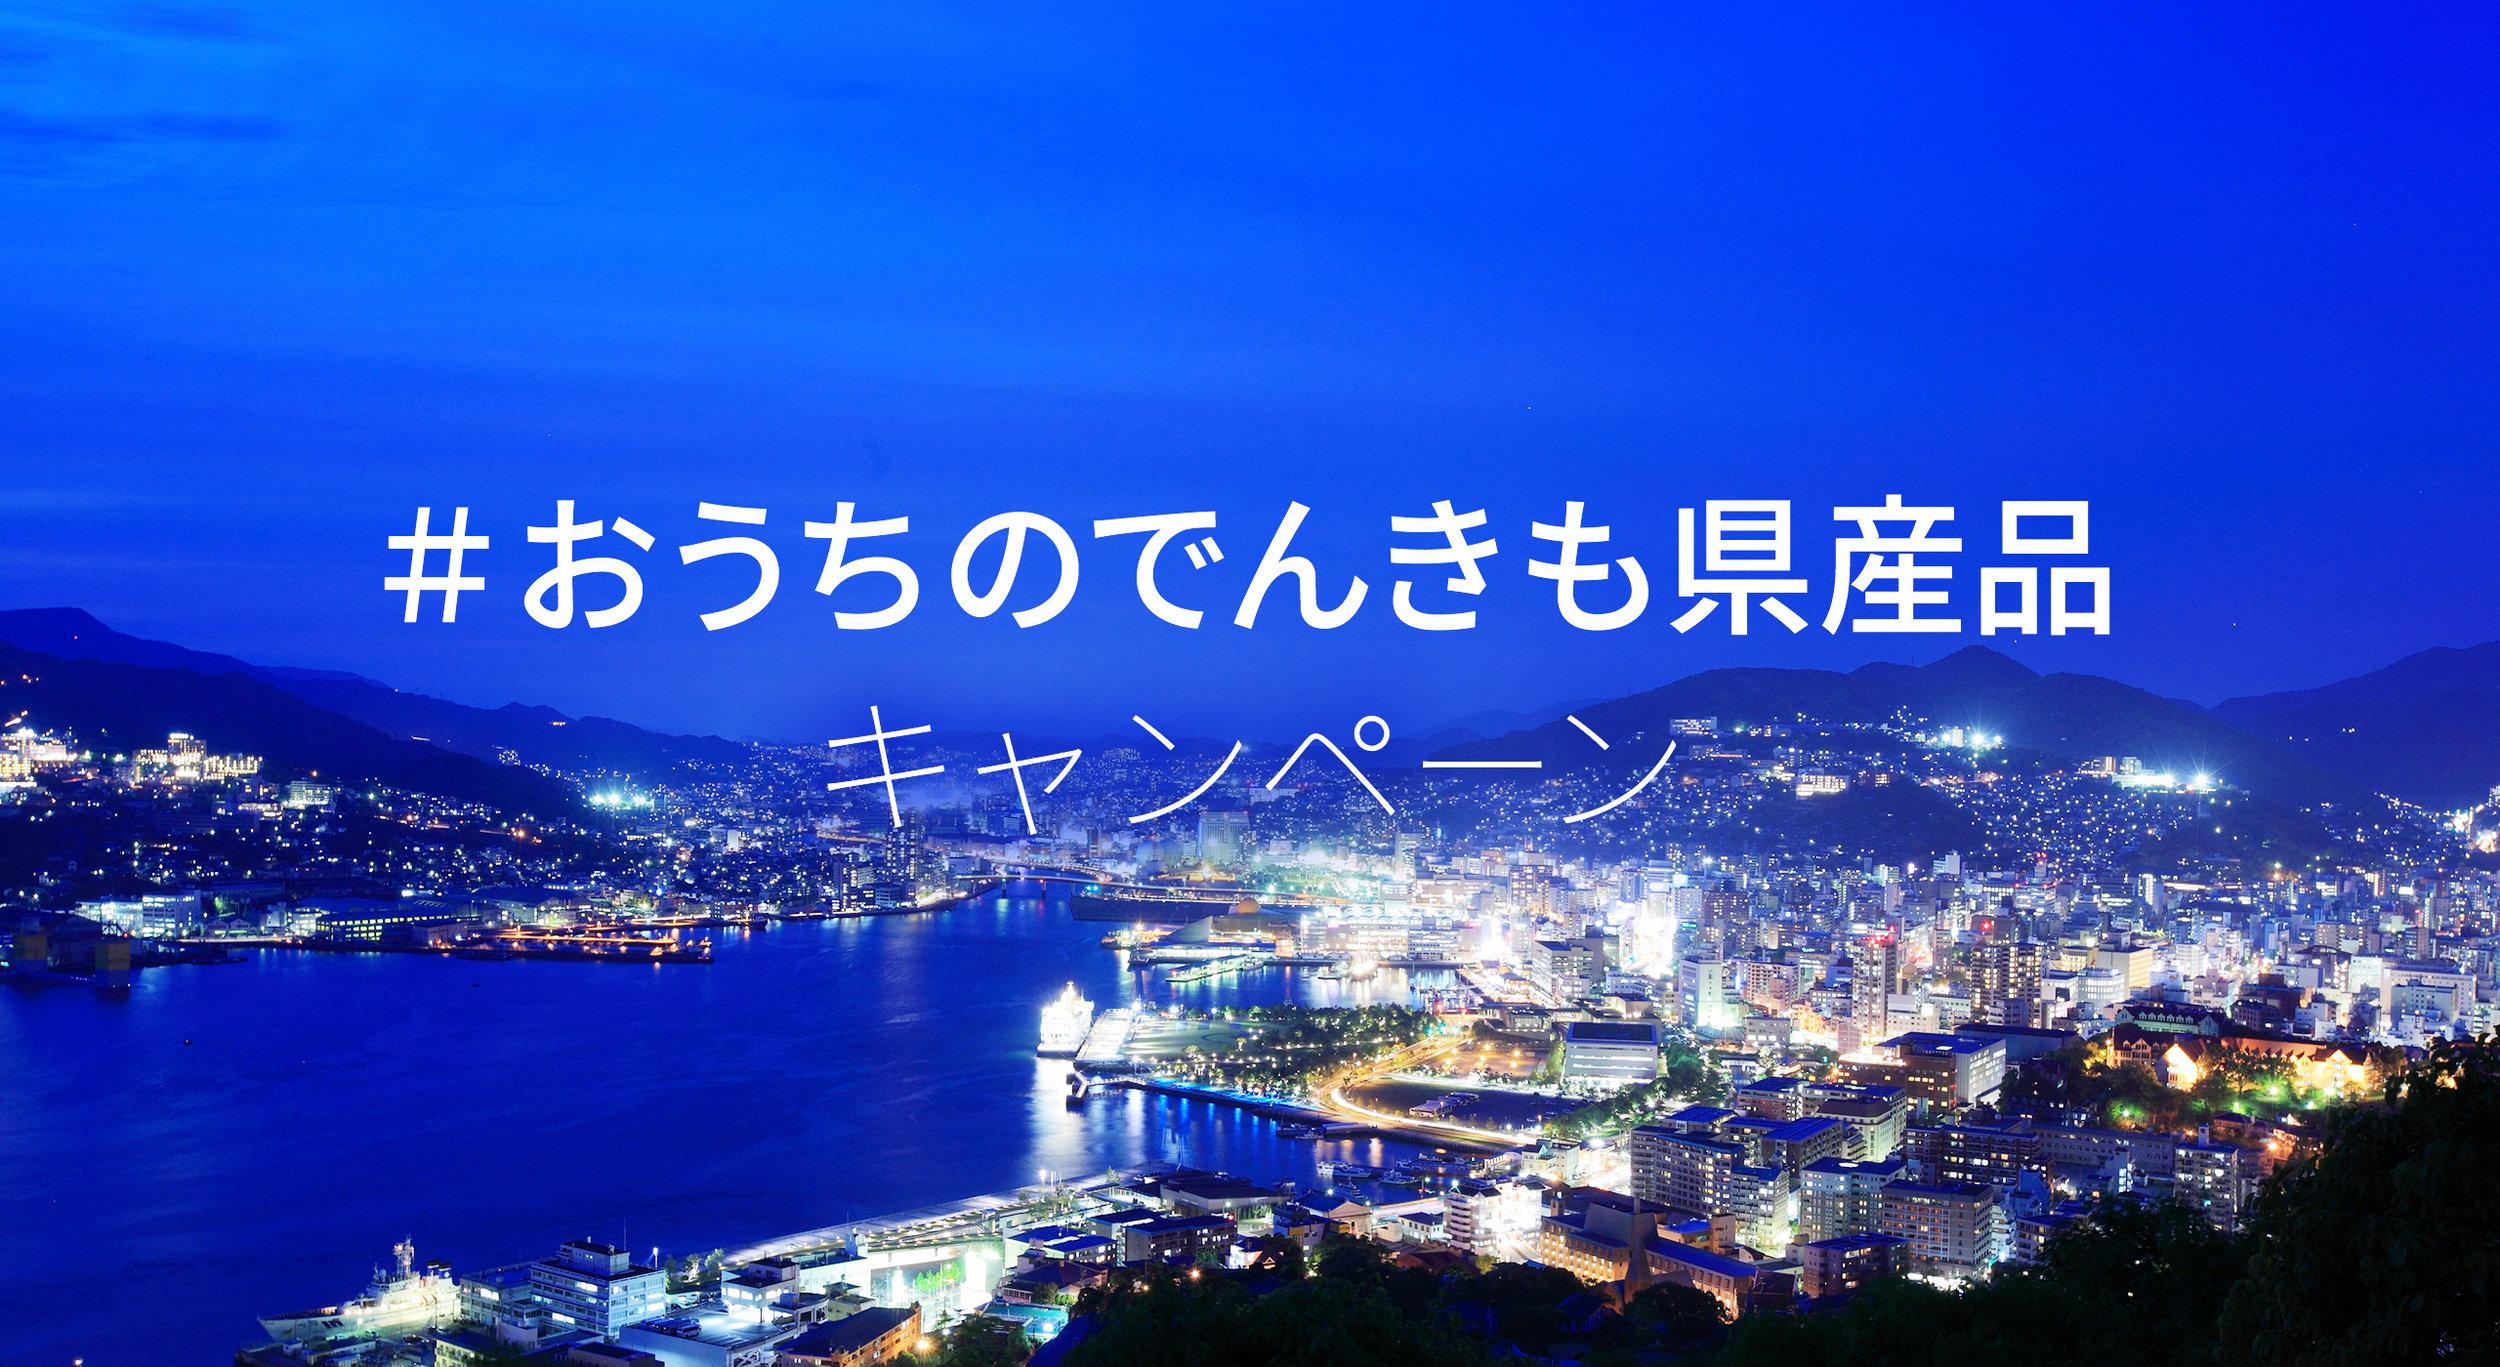 県産品キャンペーンヘッダ画像.jpg